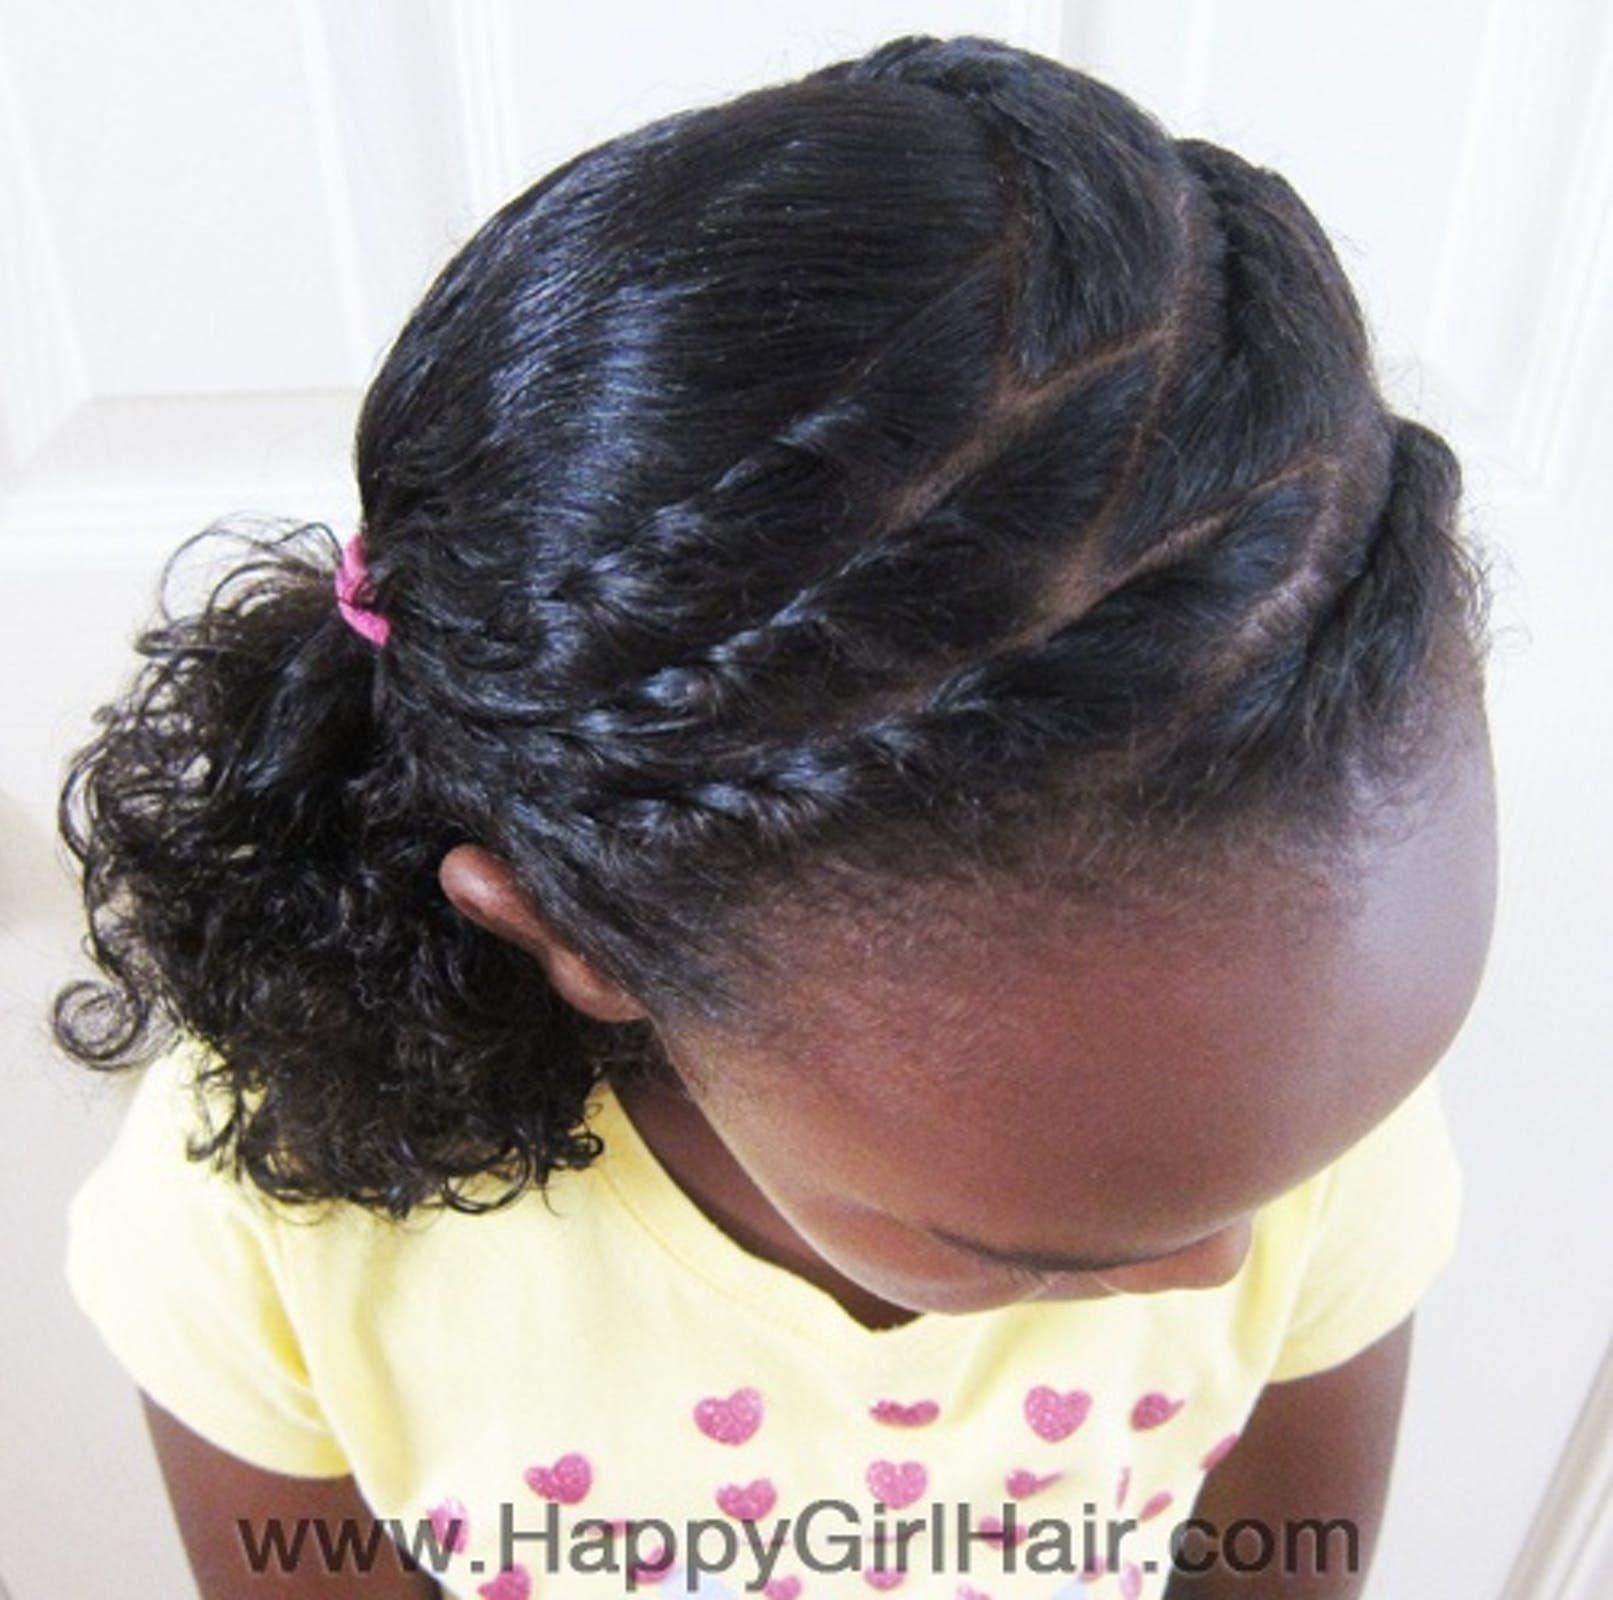 Coiffures enfants des modèles pour cheveux frisés en